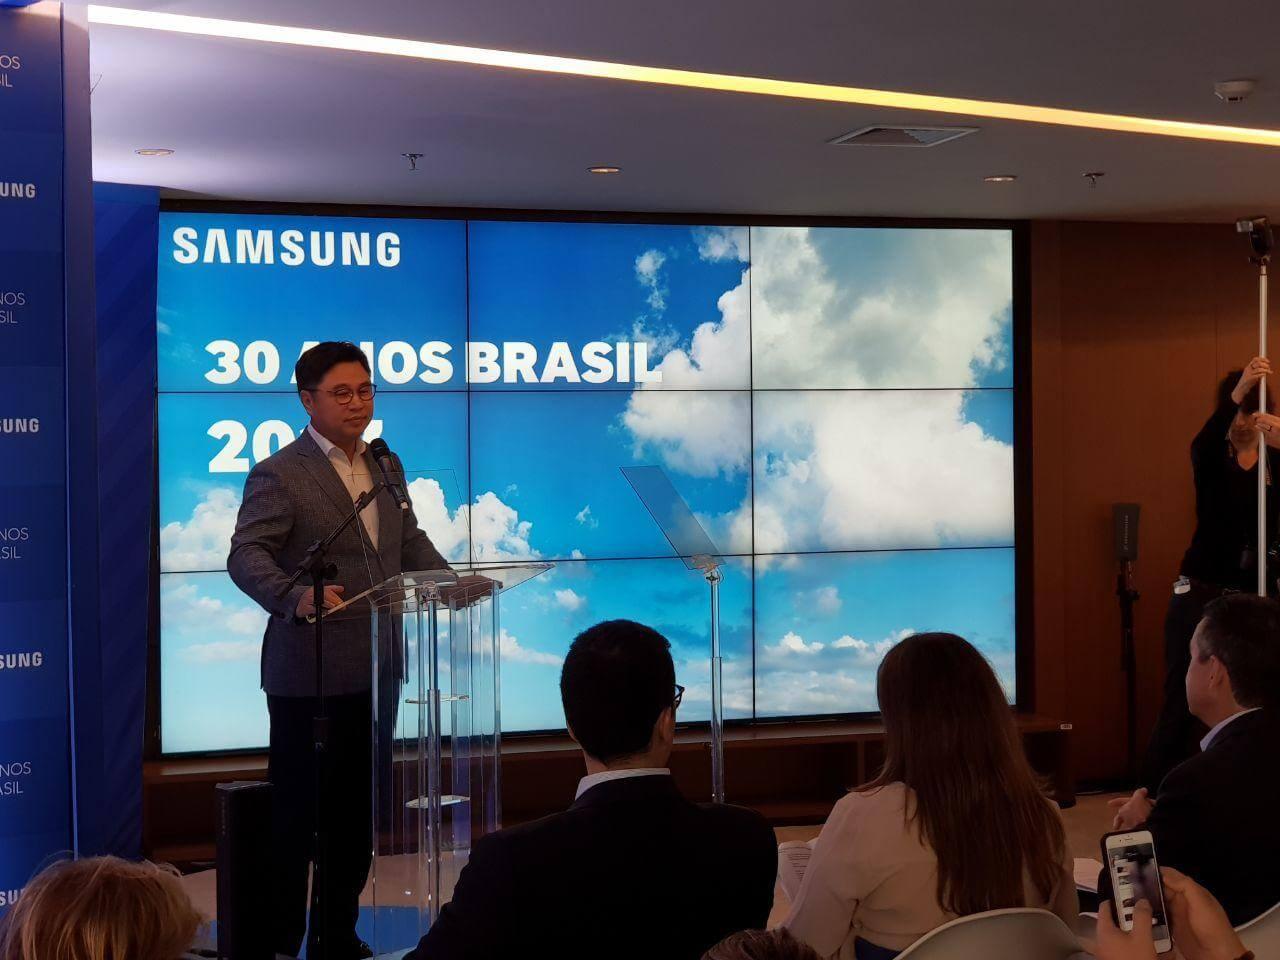 30 anos de Brasil: conheça a história revolucionária da Samsung